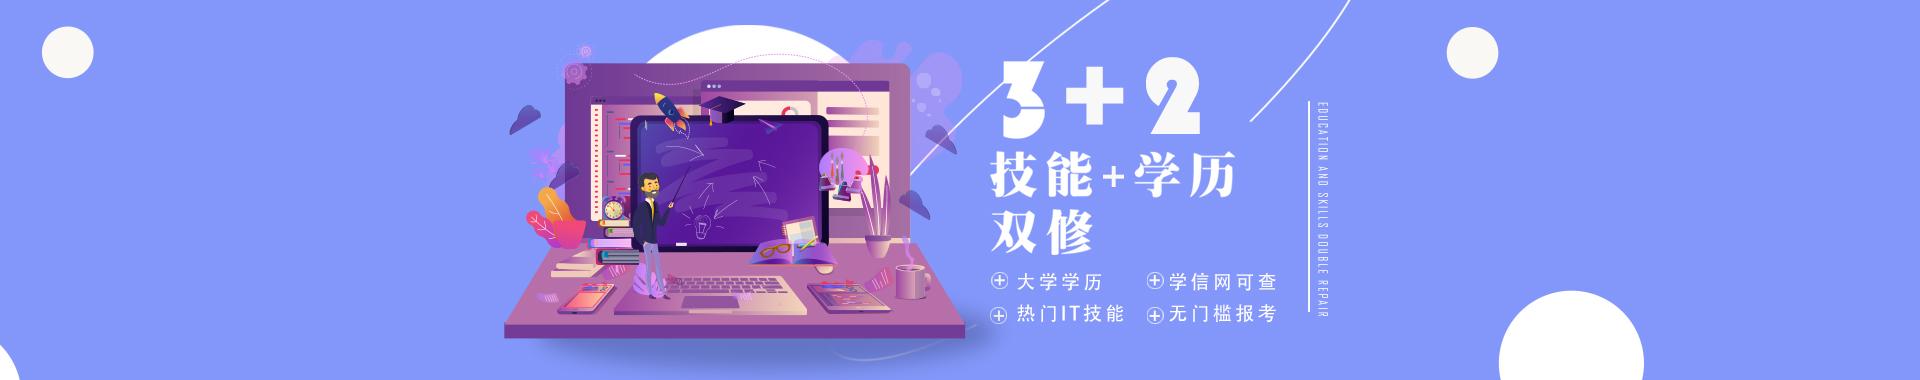 武汉宏鹏第九家北大青鸟徐东校区成立